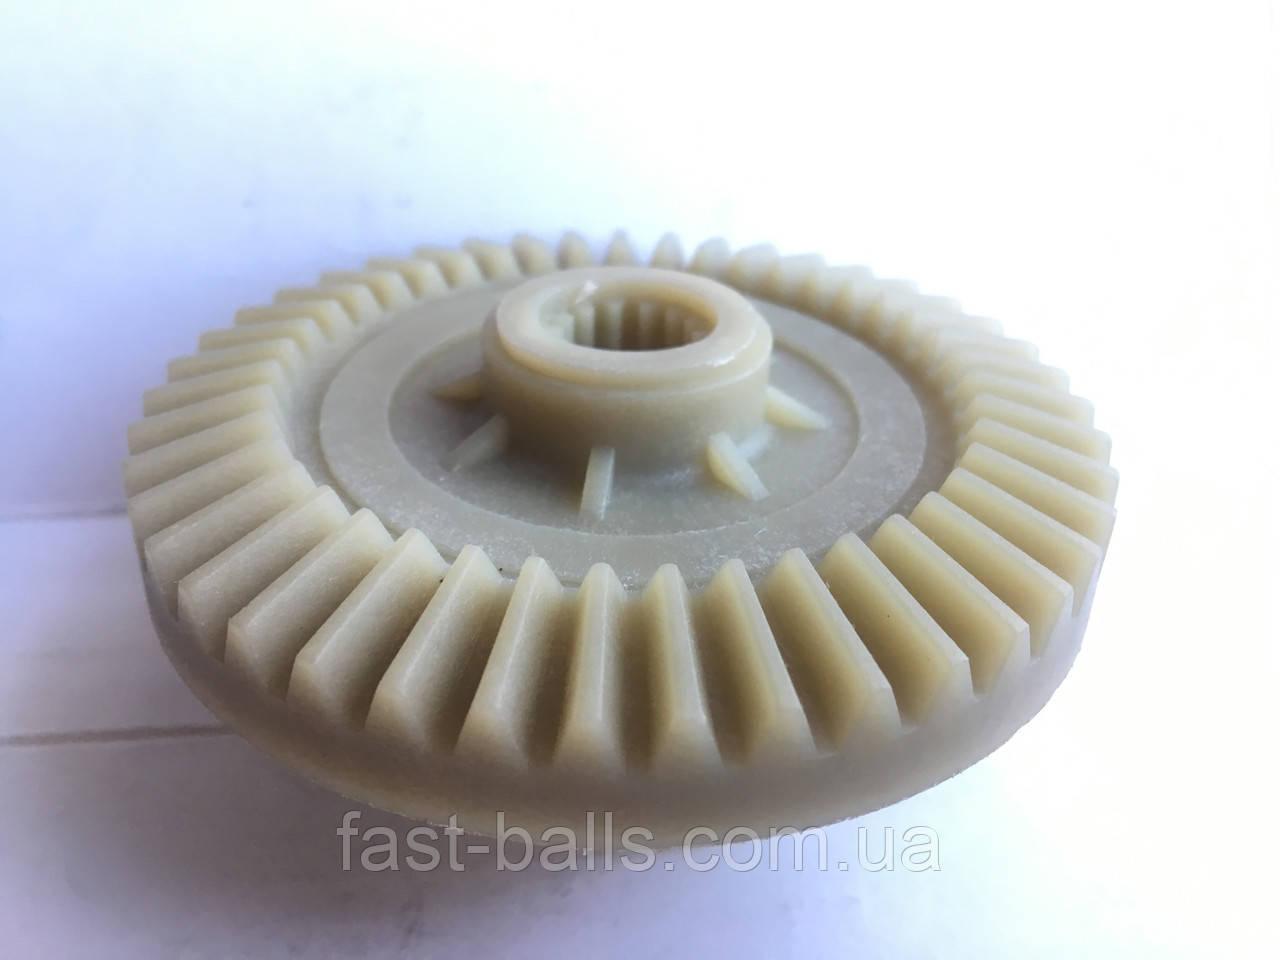 Шестерня цепной электропилы внутренние шлицы прямые